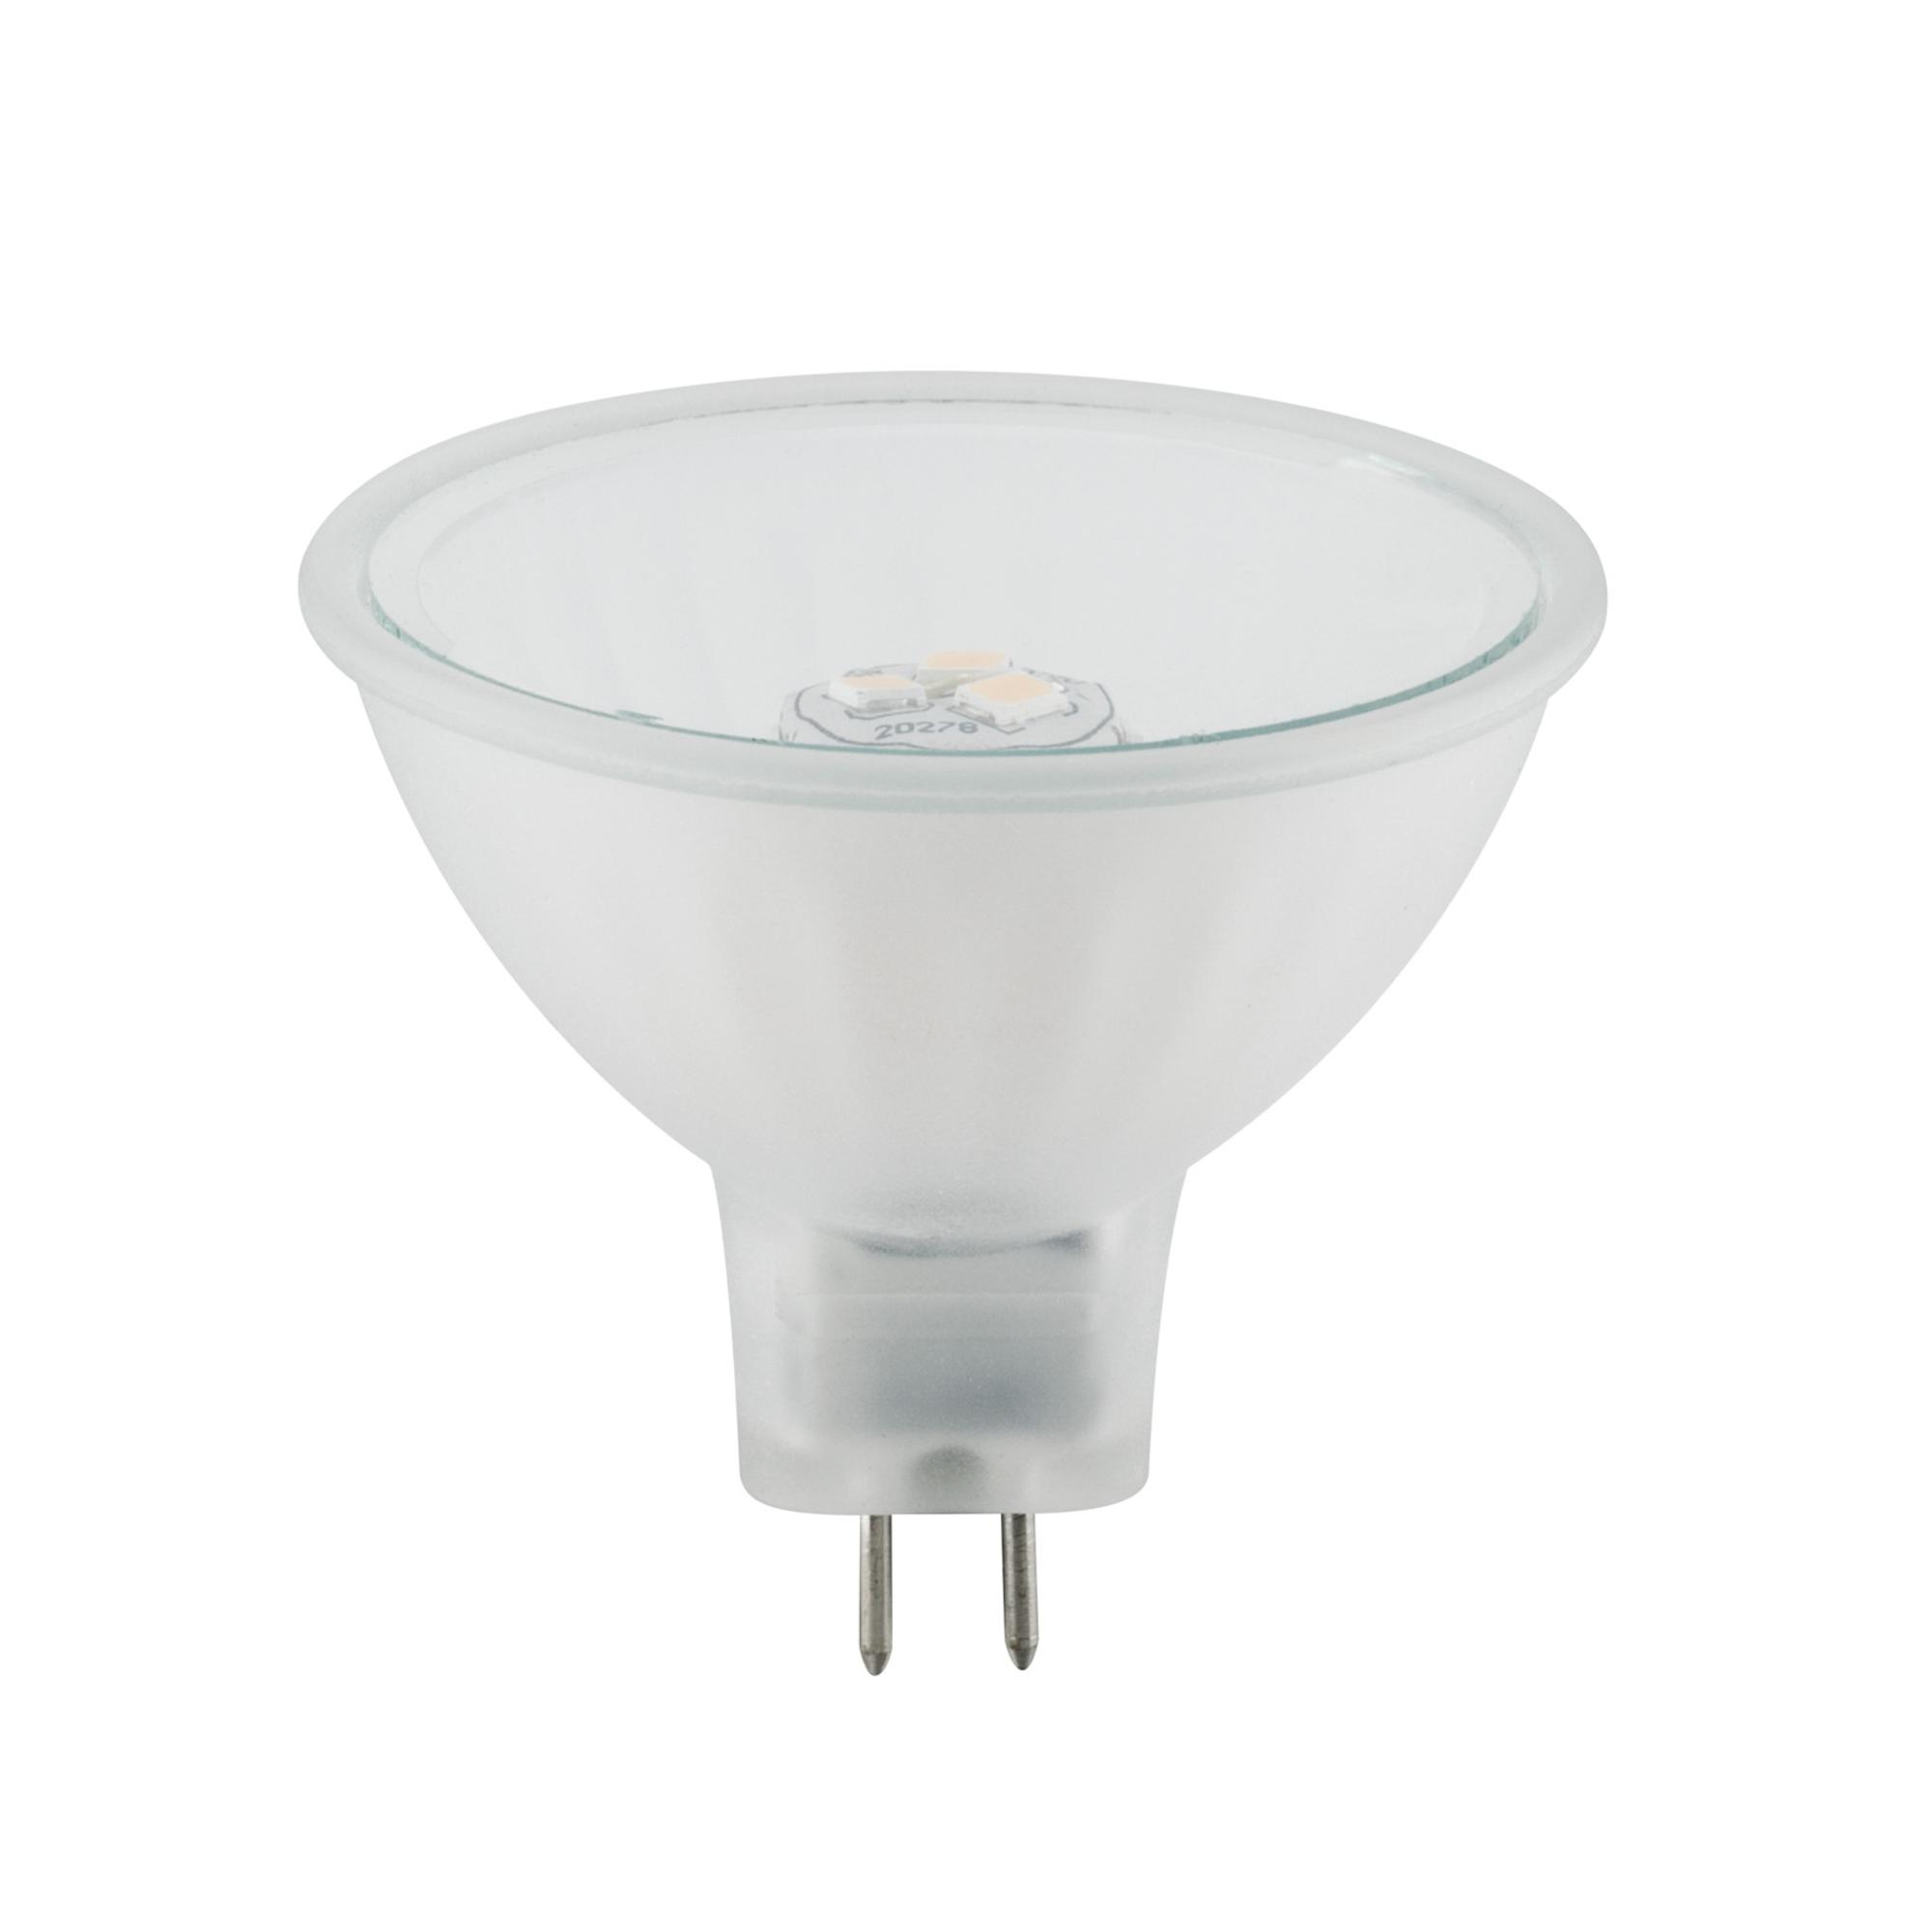 Лампа Paulmann 28330 GU5.3 220 Лм теплый свет